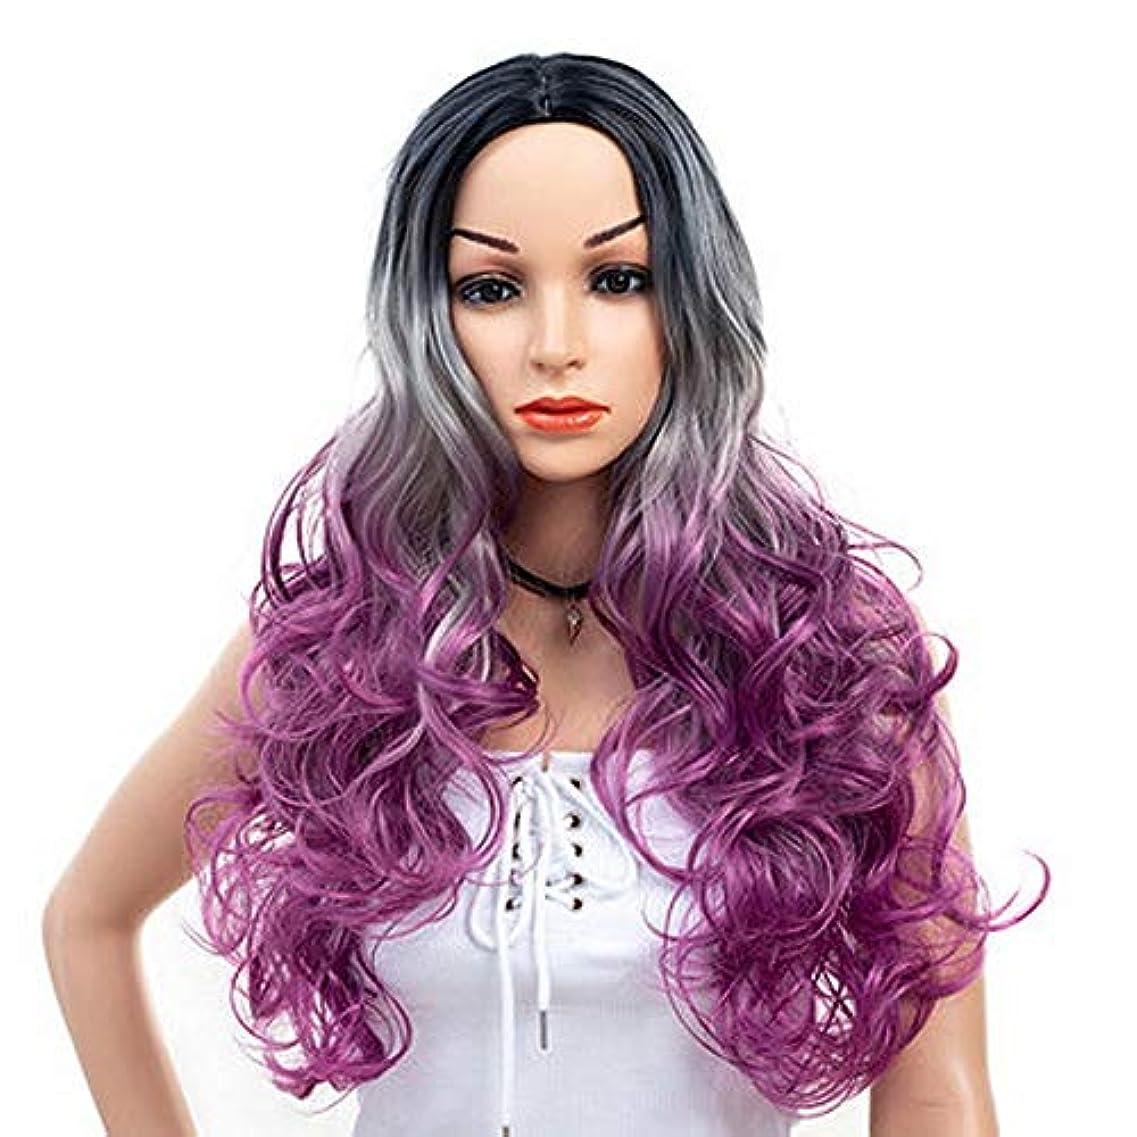 ペン成分比較的女性のための色のかつら長いウェーブのかかった髪、高密度温度合成かつら女性のグルーレスウェーブのかかったコスプレヘアウィッグ、女性のための耐熱繊維の髪のかつら、紫色のウィッグ26インチ